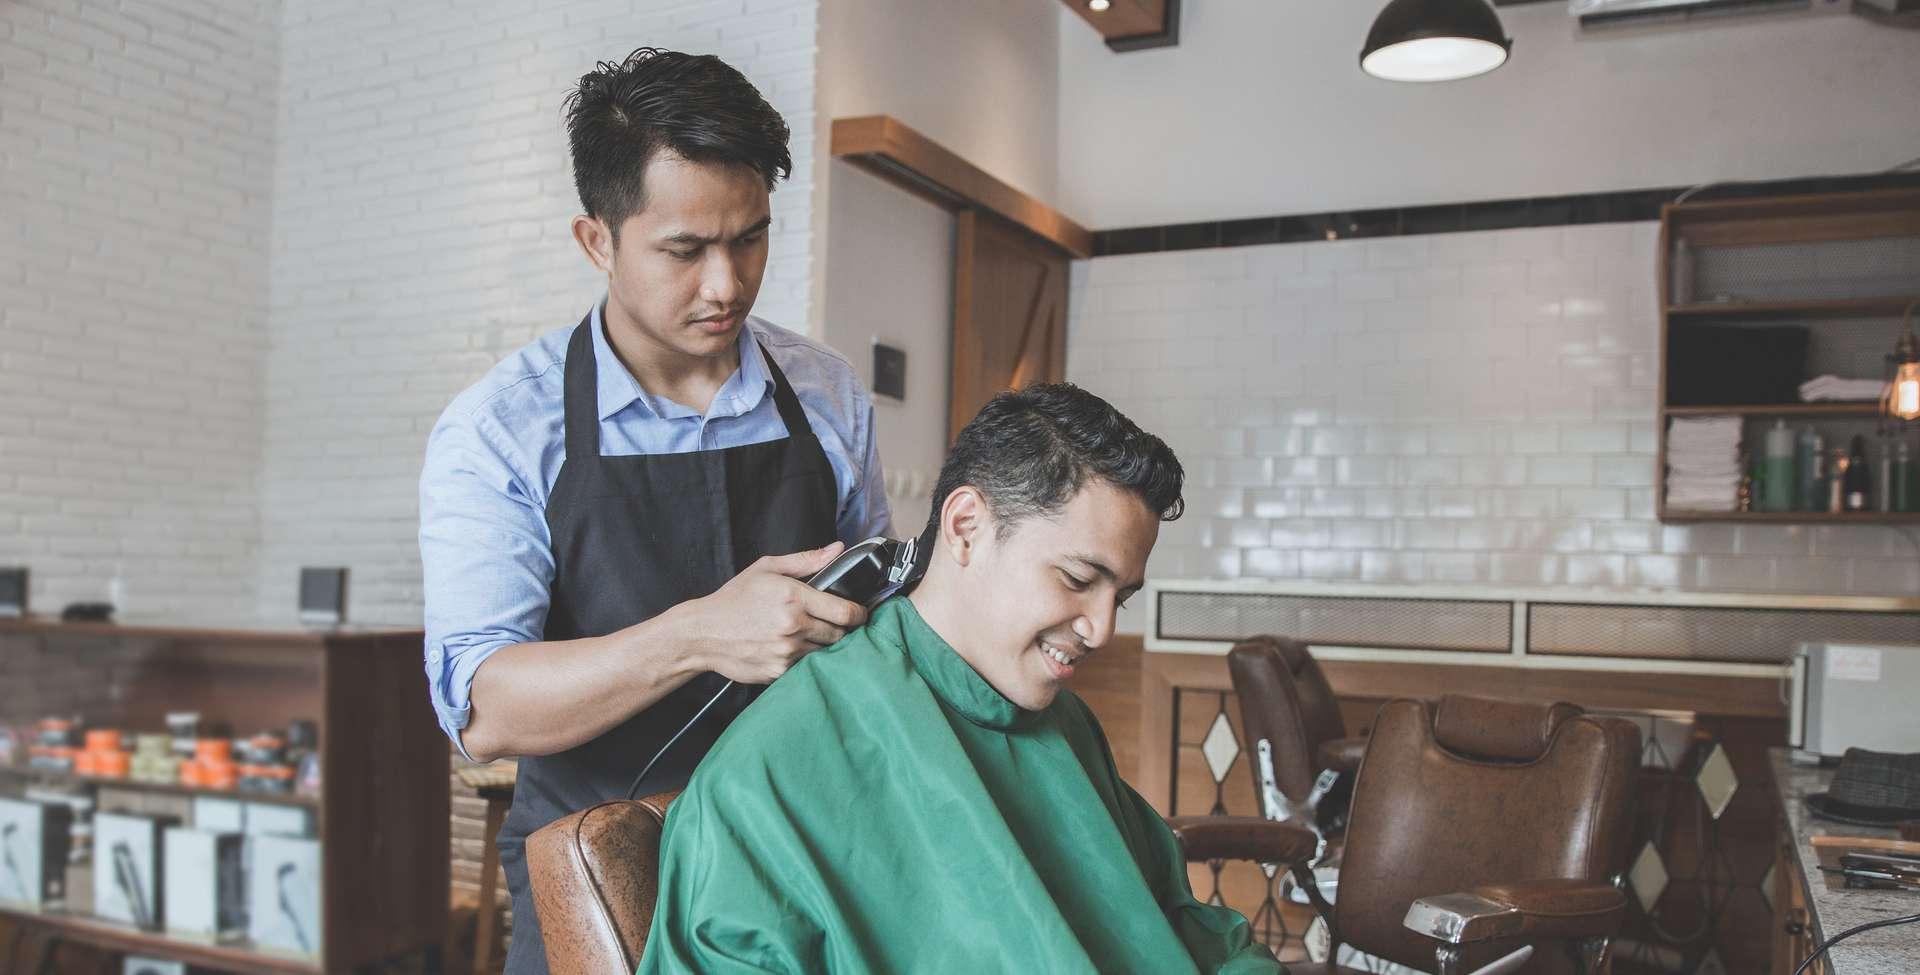 Deretan Kesalahan yang Harus Dihindari Jika Ingin Membuka Bisnis Salon, Xperience Team